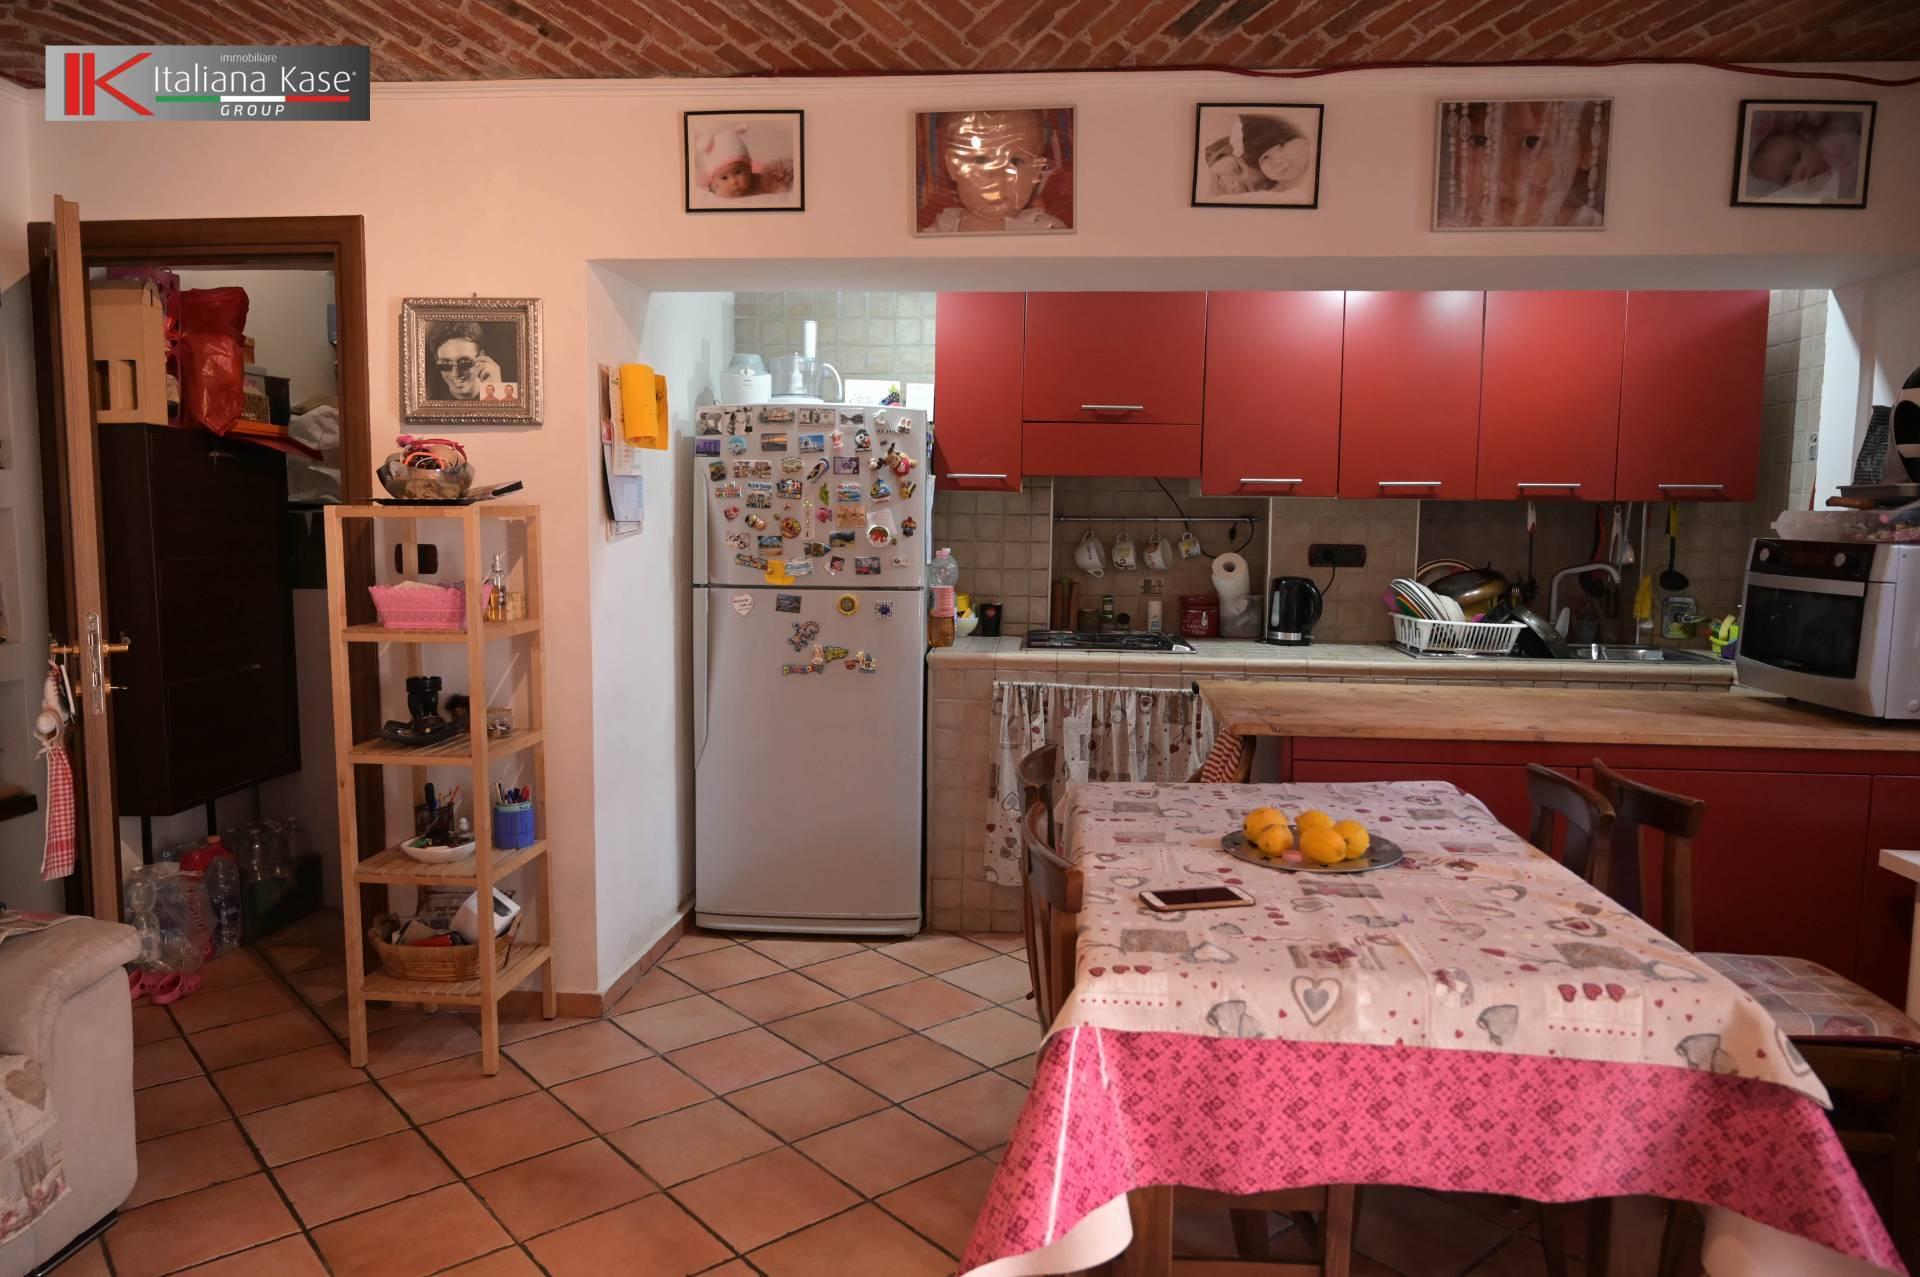 Appartamento in vendita a San Mauro Torinese, 2 locali, zona Località: OltrePo, prezzo € 139.000 | CambioCasa.it